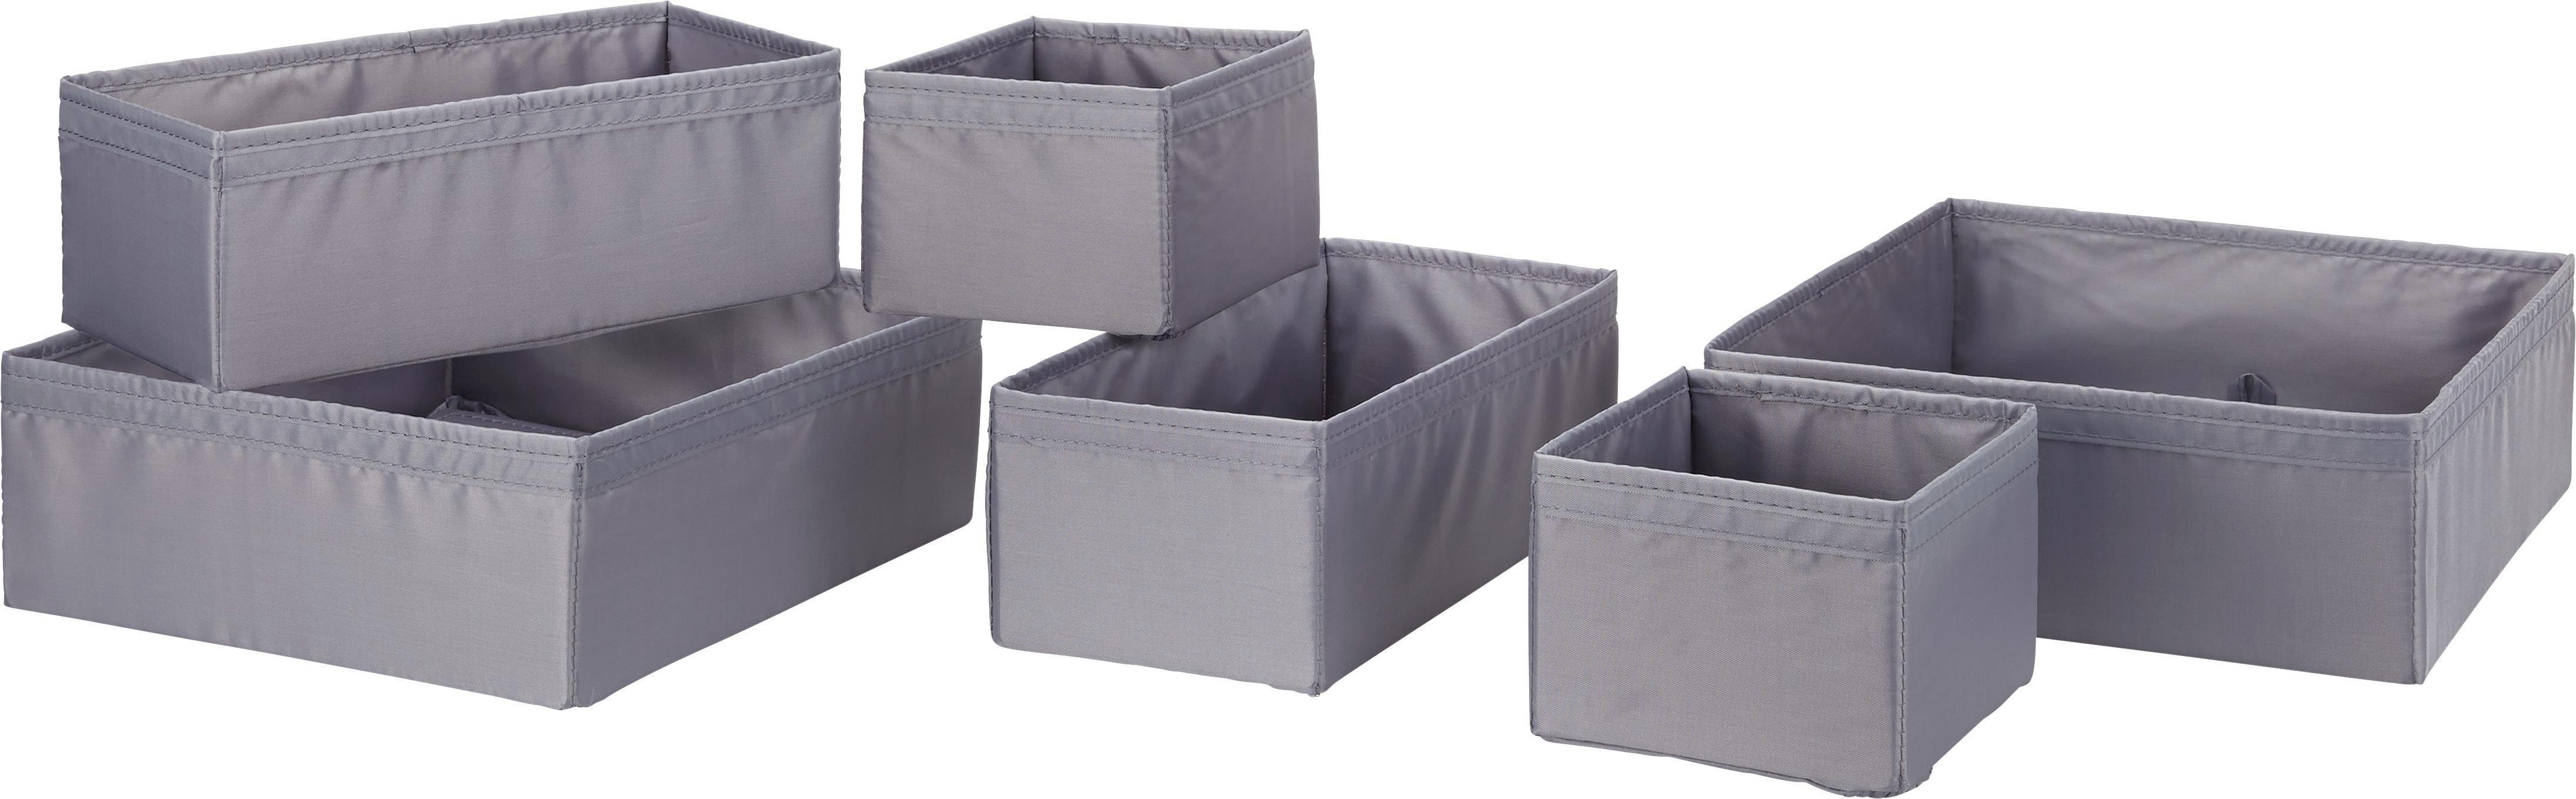 Aufbewahrungsboxen-Set Kläck in Grau - Grau, Kunststoff - MÖMAX modern living